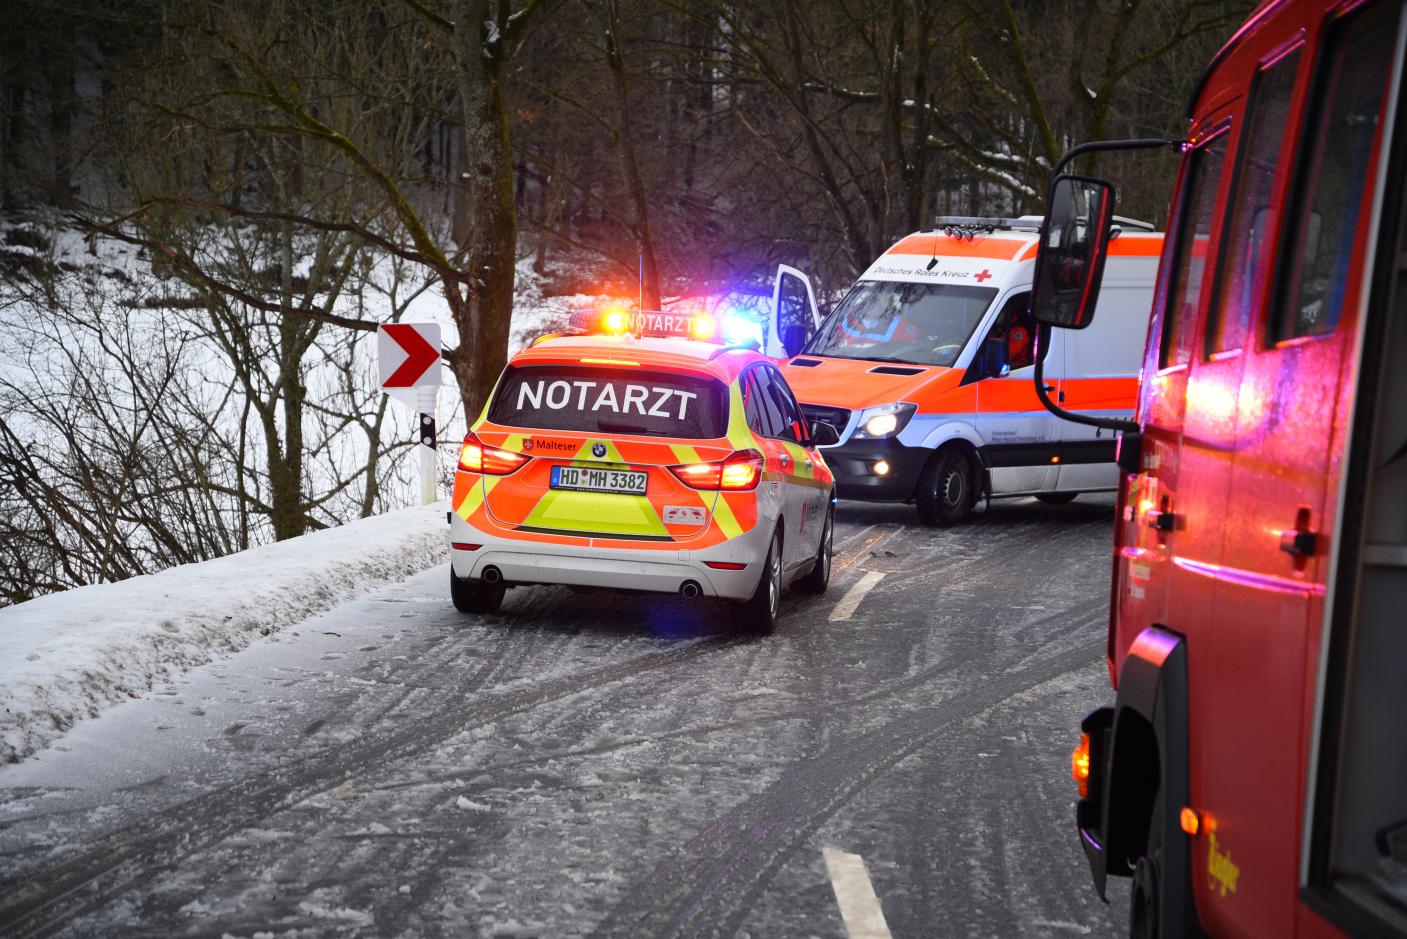 Heiligkreuzsteinach Rhein-Neckar-Kreis: Verkehrsunfall auf der L 535 auf schneebedeckter Fahrbahn